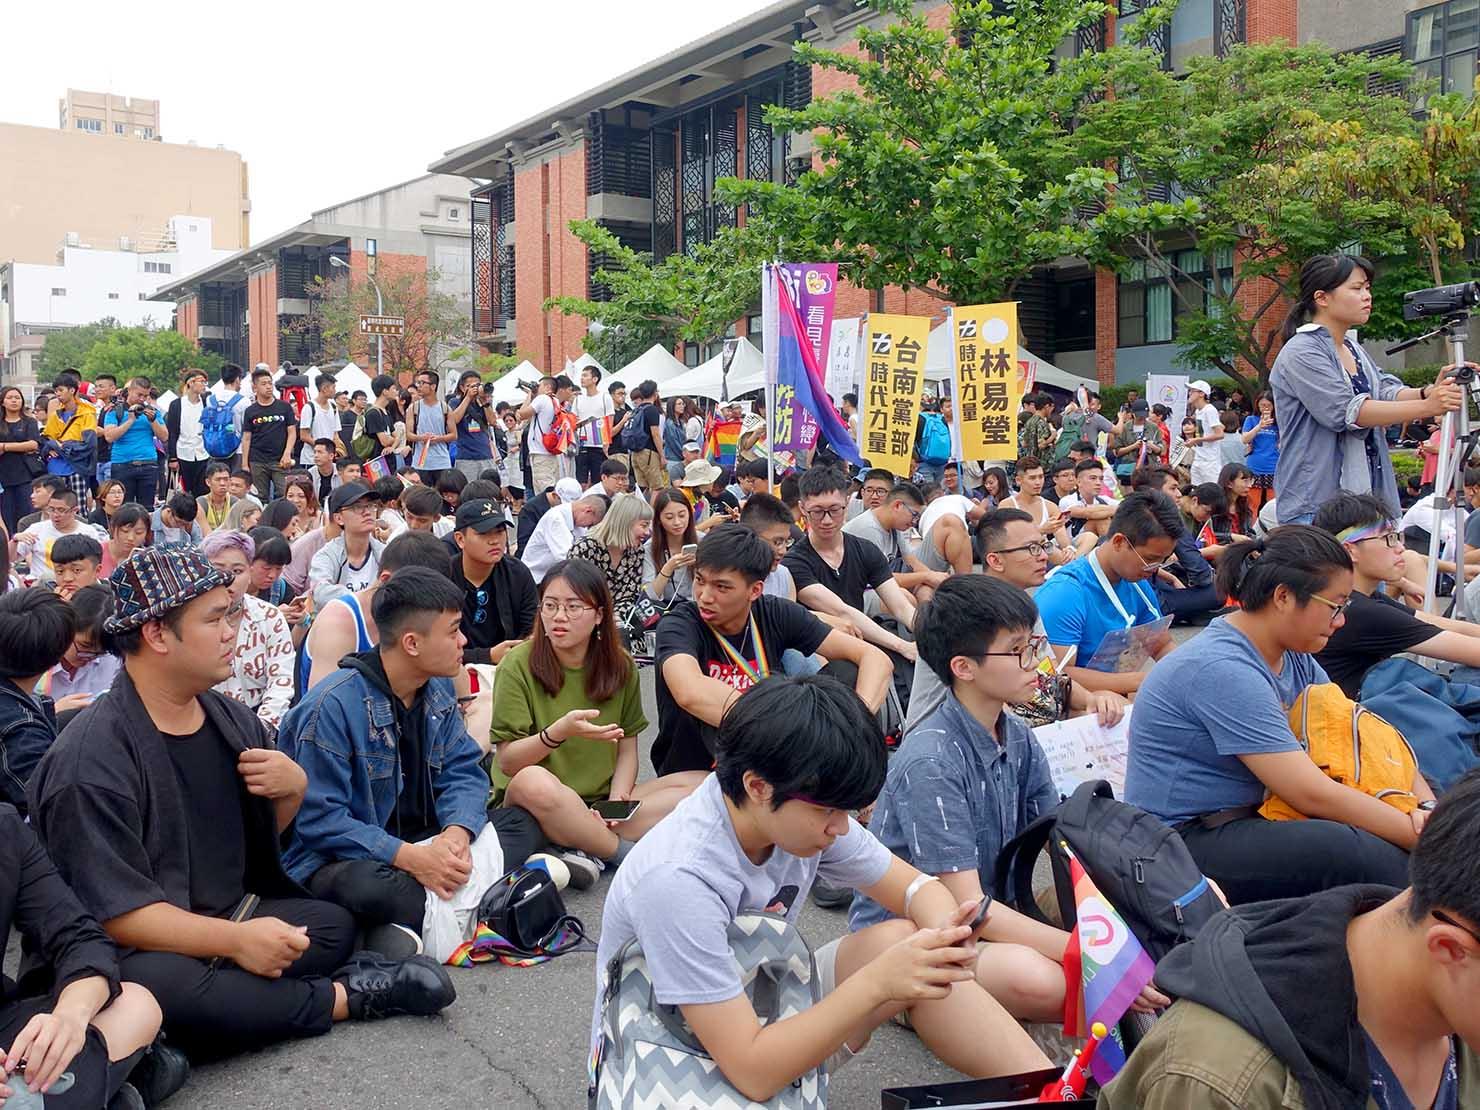 台南彩虹遊行(台南レインボーパレード)2019パレード後の会場ステージ前